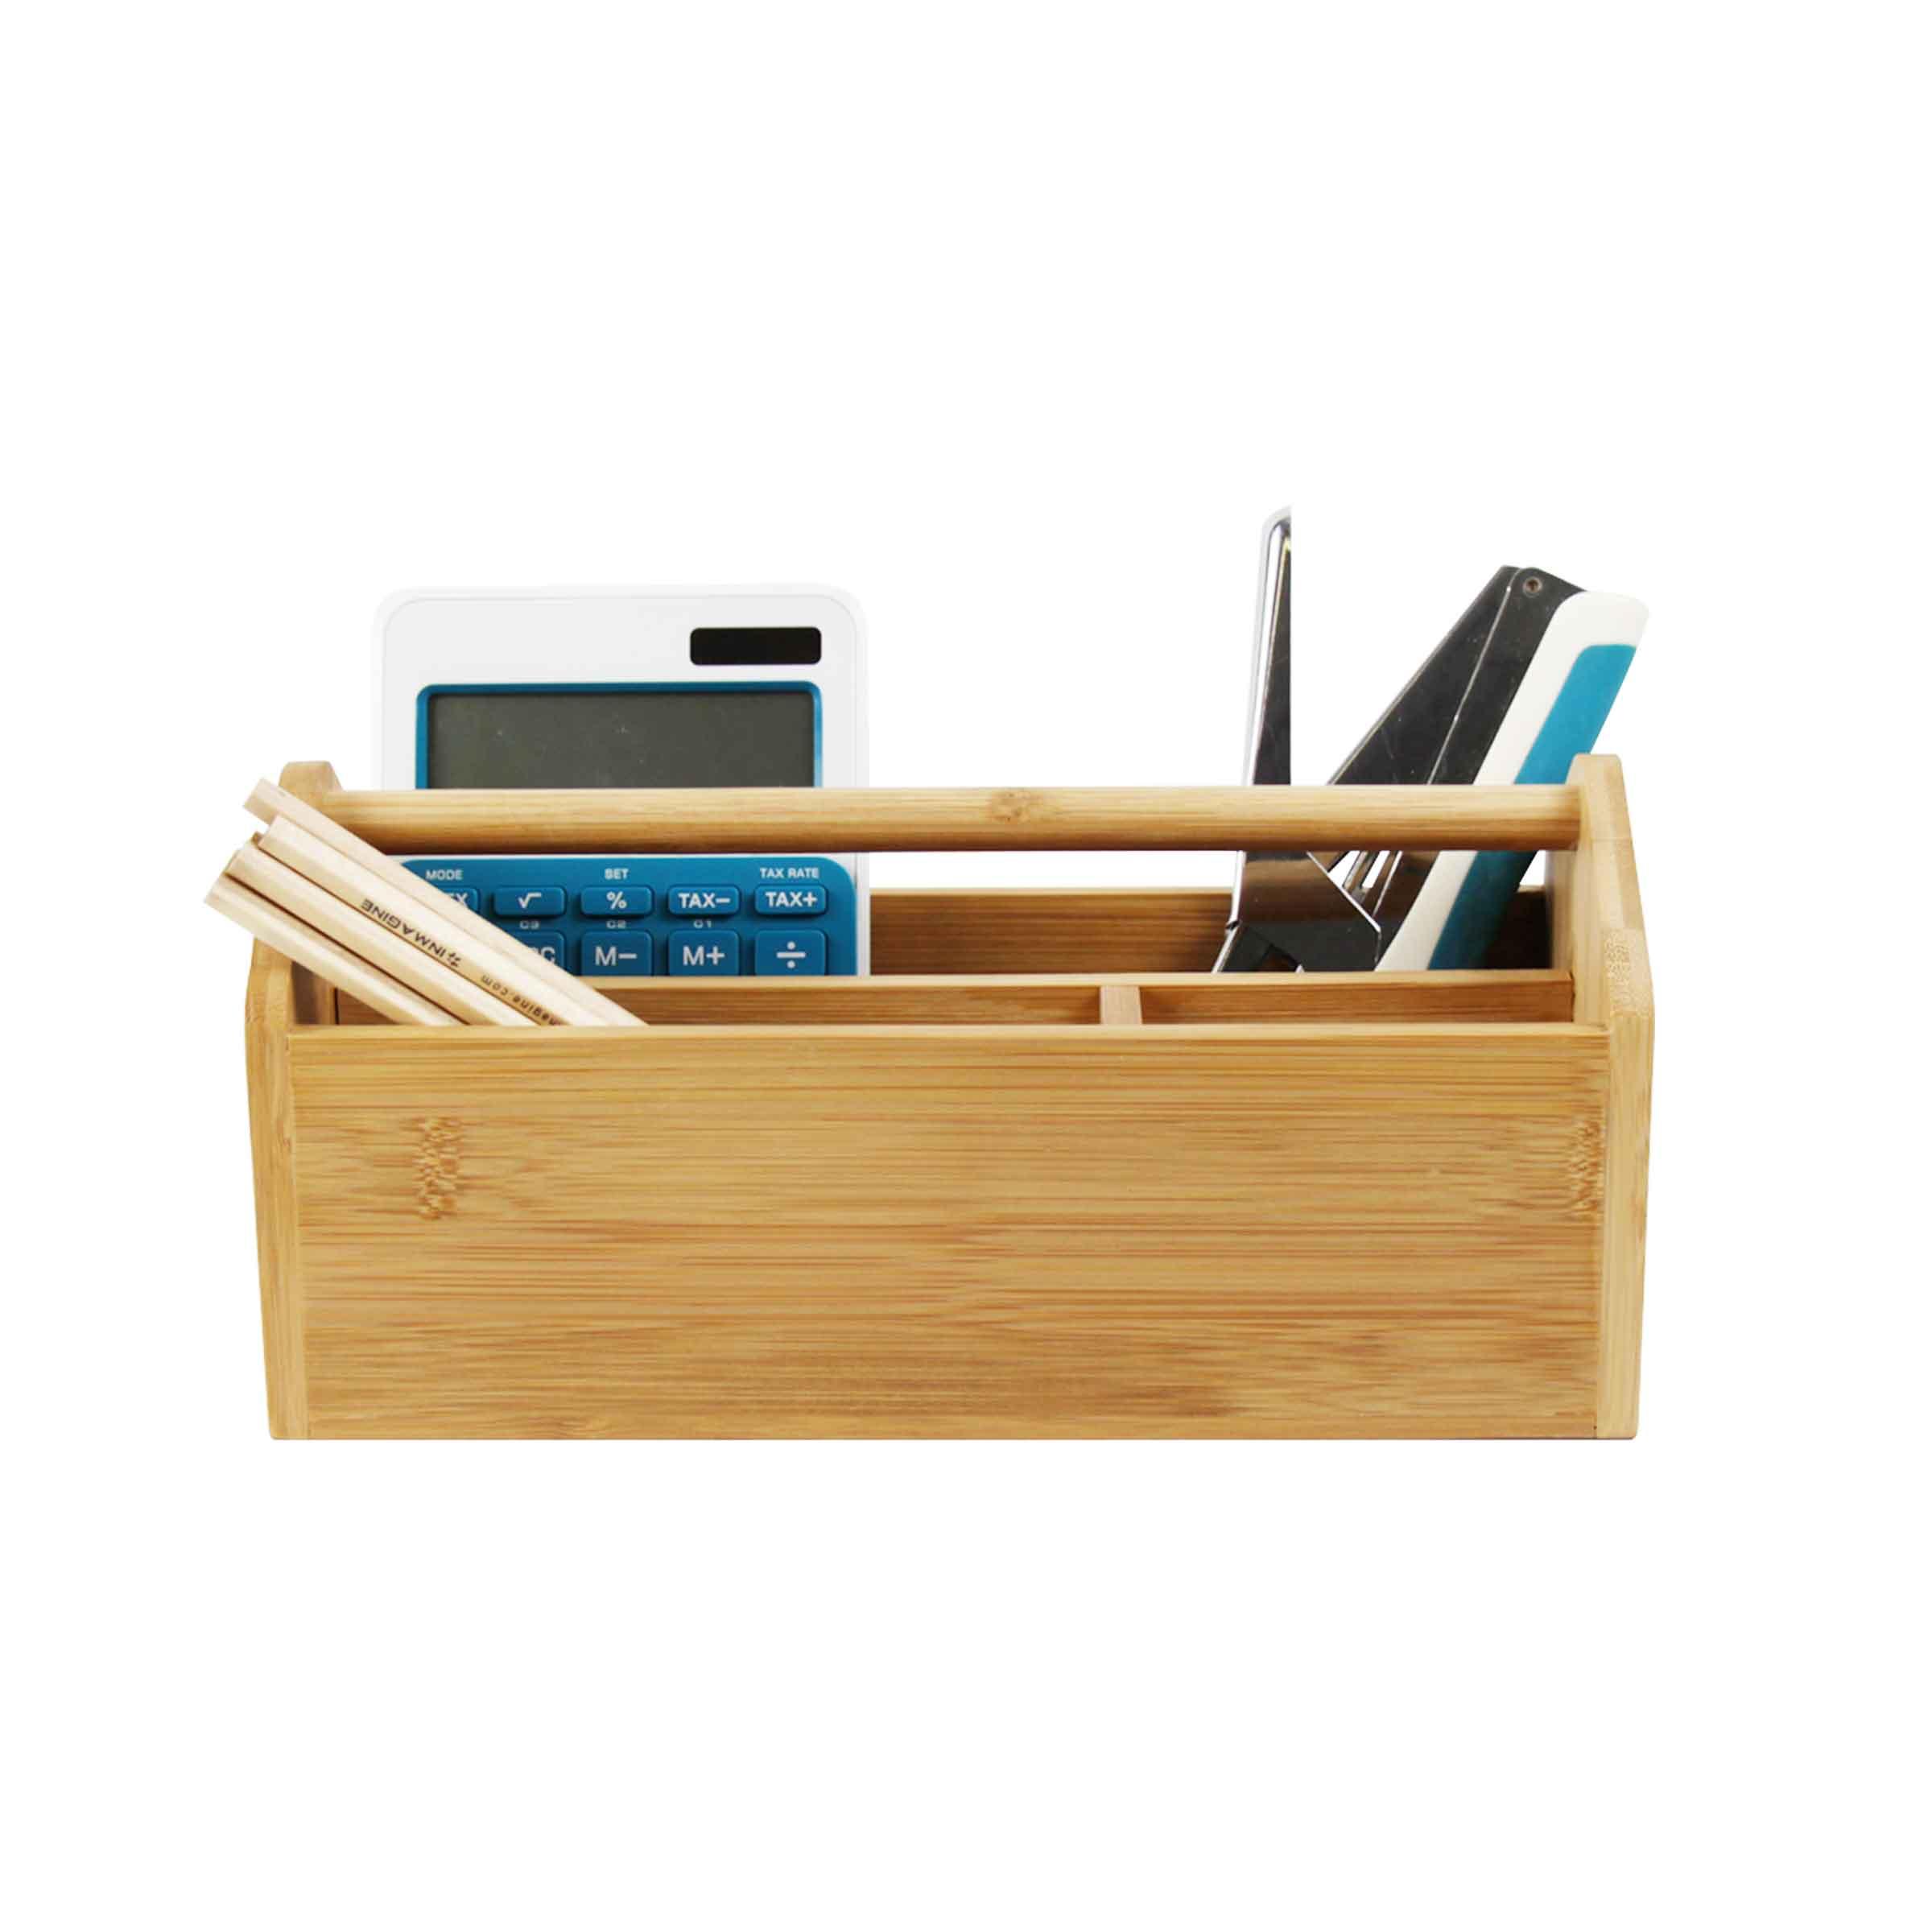 organiseur de bureau en bois de bambou avec 3 compartiments et une poignée centrale